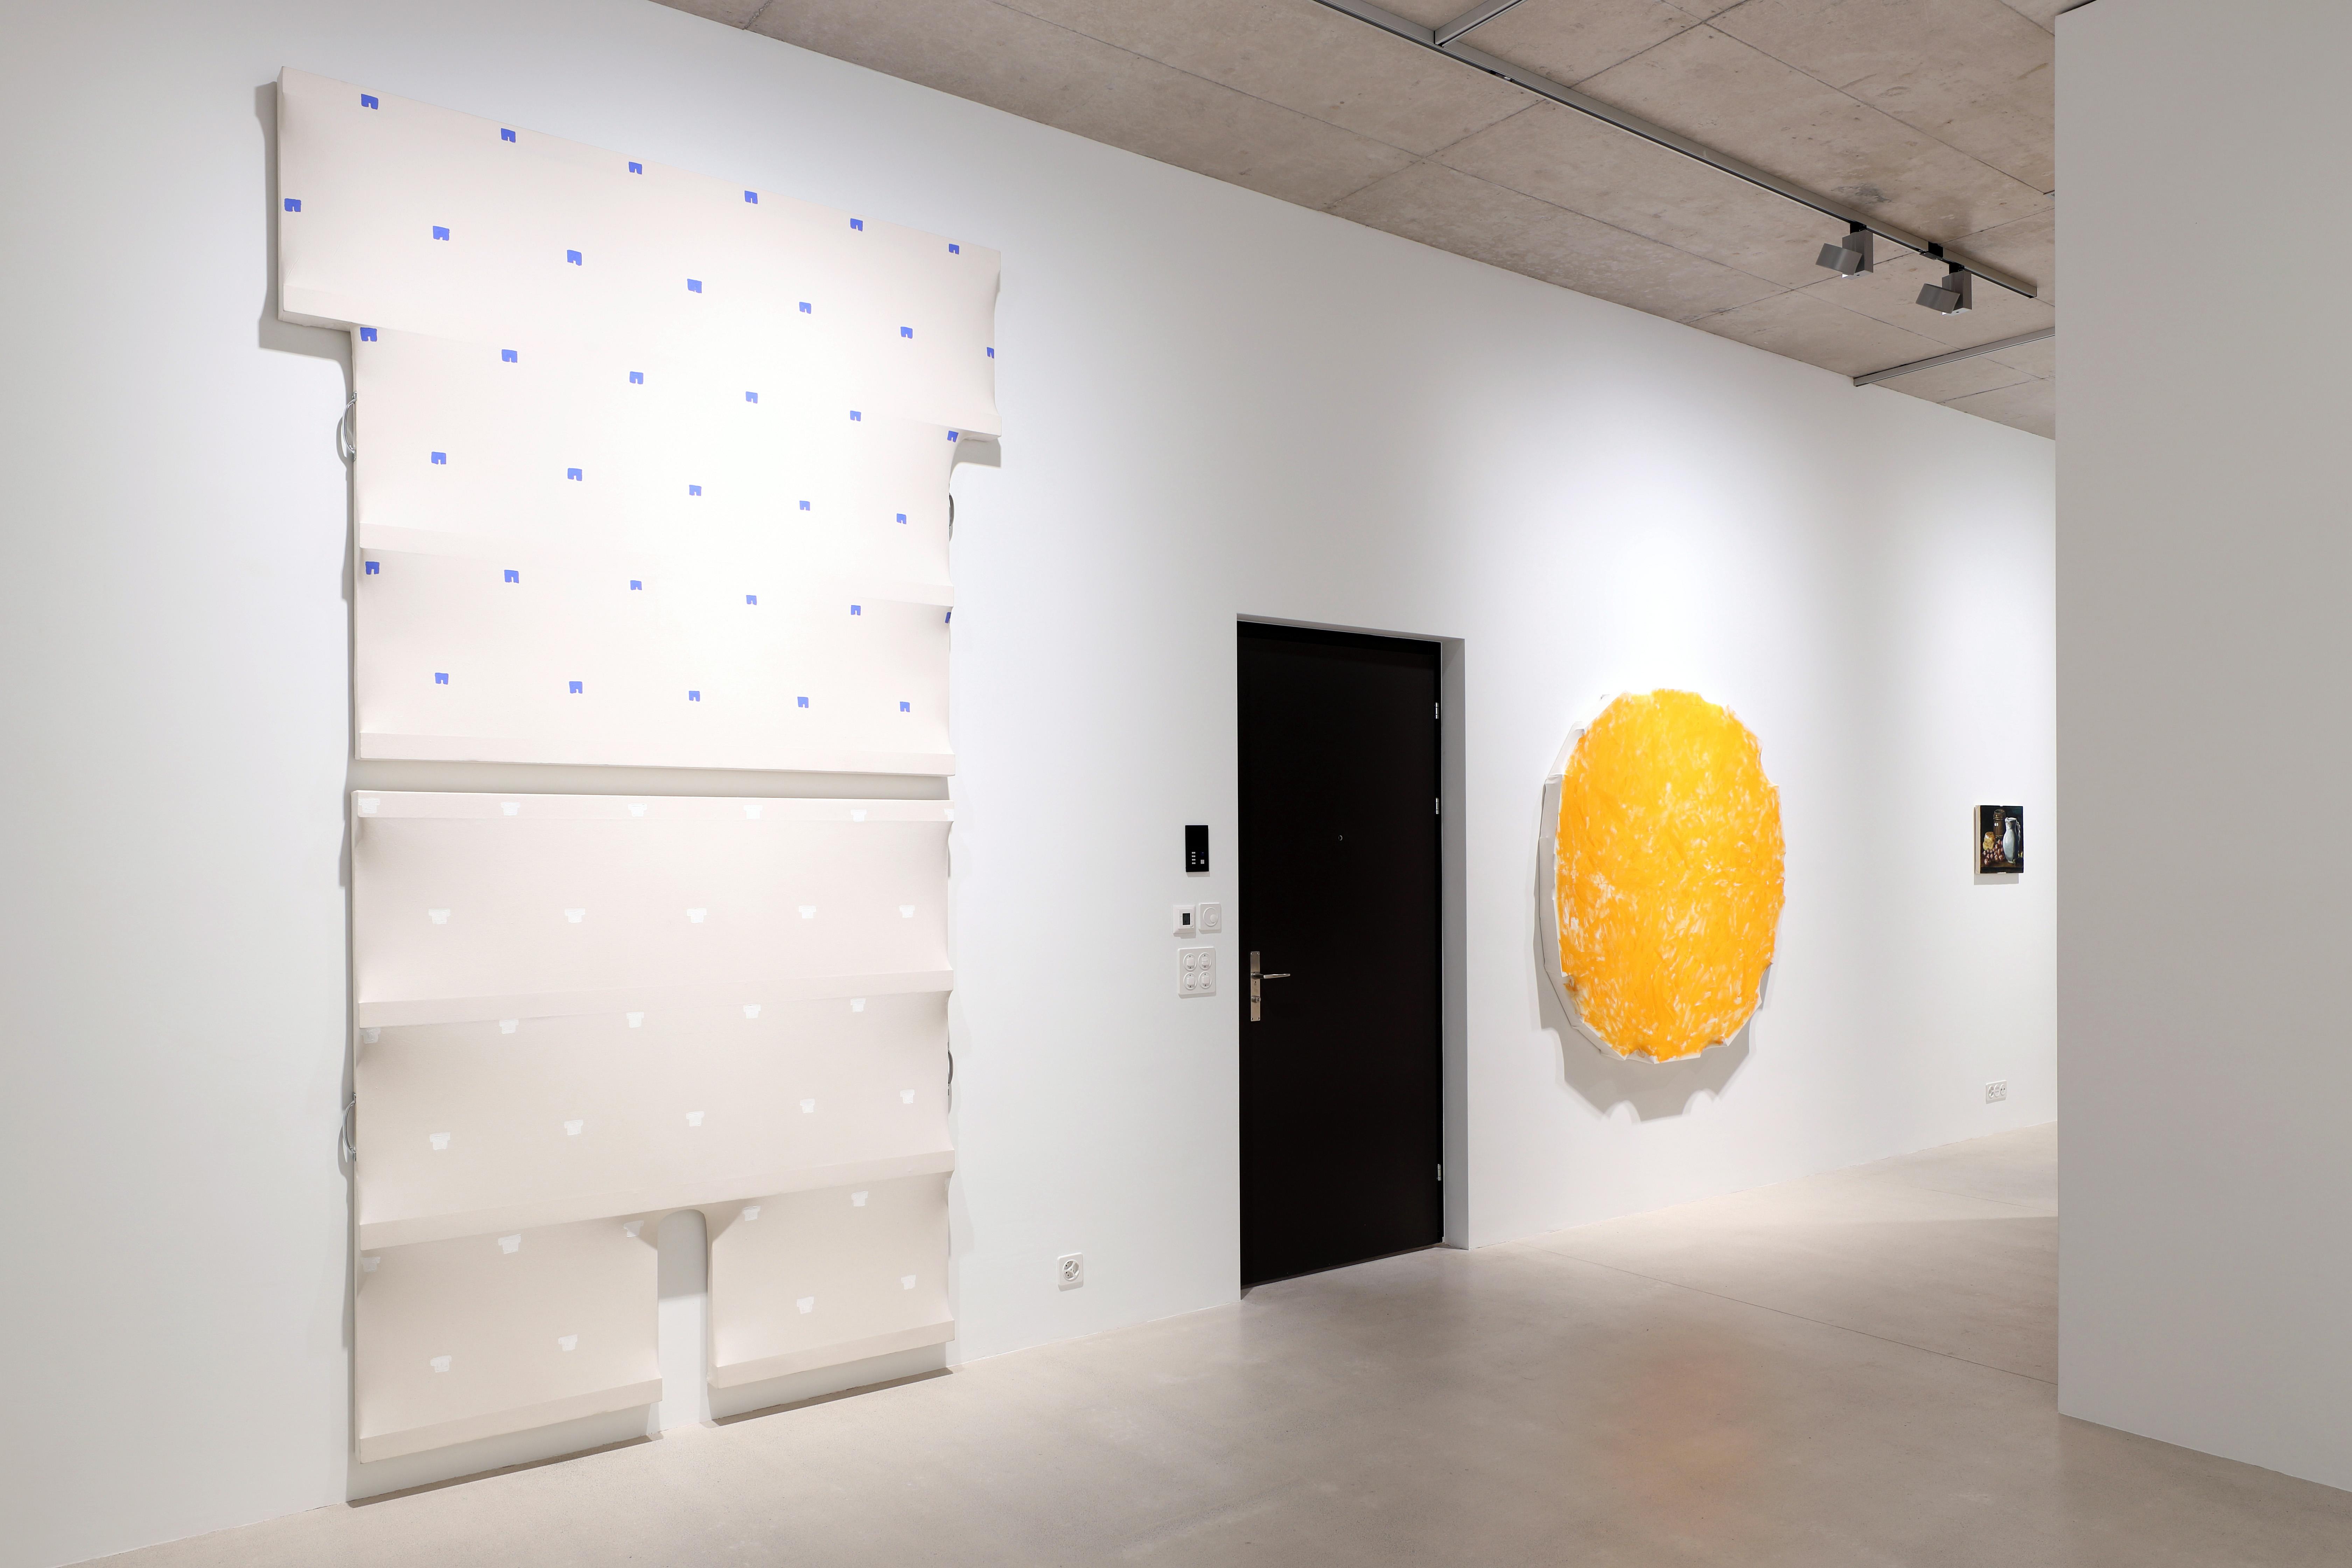 Charles Benjamin, Not Again, 2020, exhibition view, Windhager von Kaenel, Zurich, Switzerland